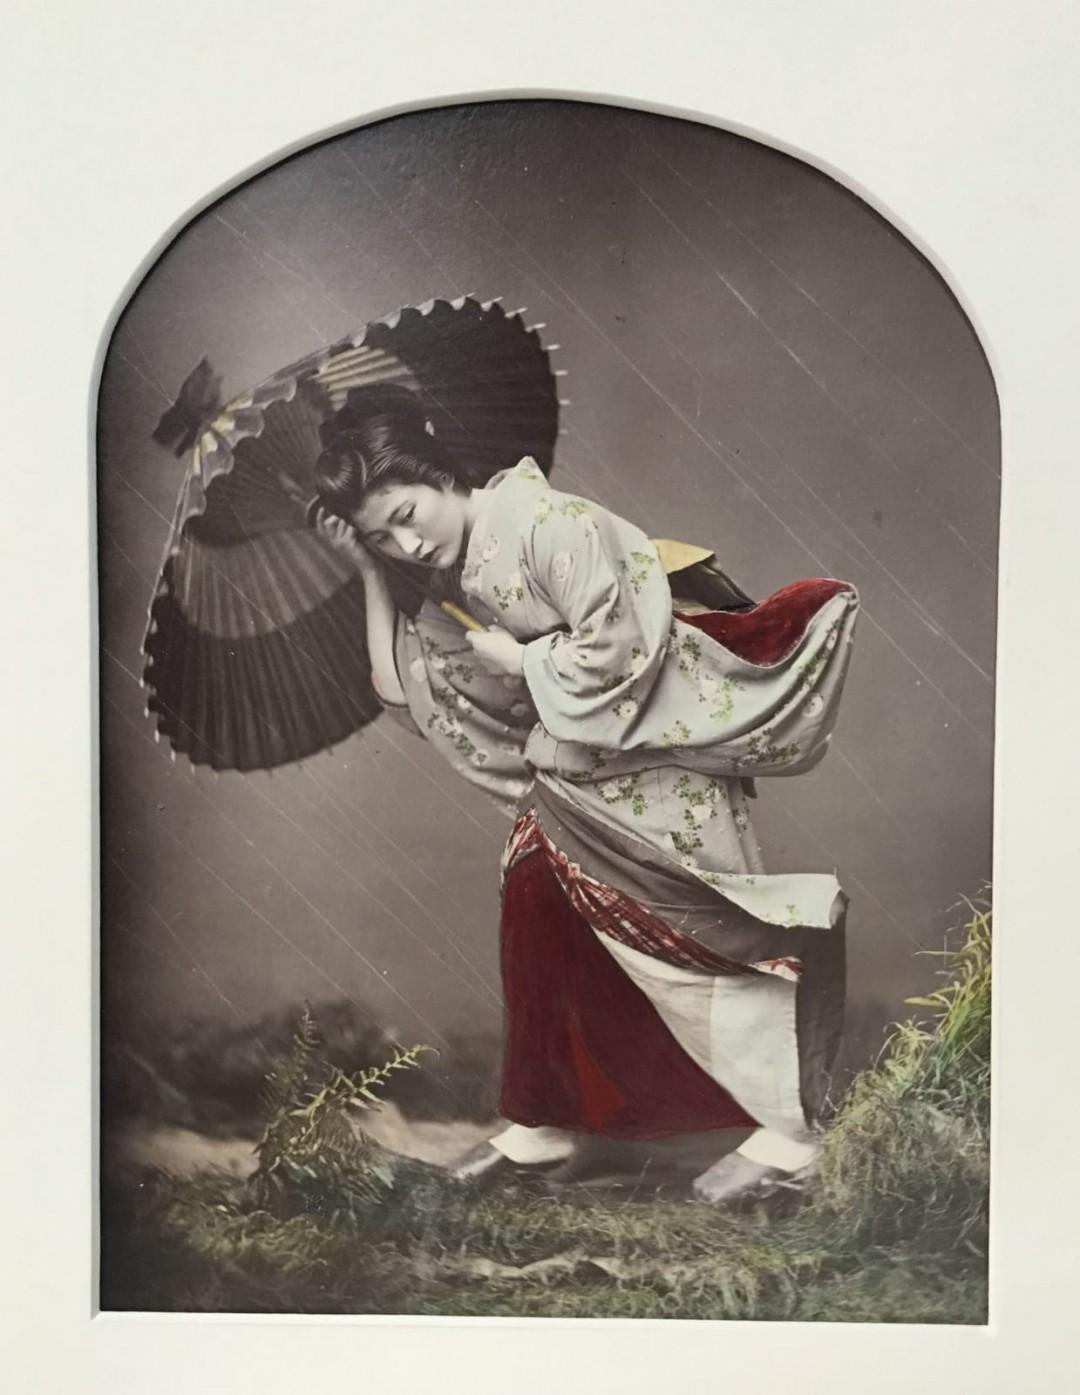 قدرت عکاسی: بارون وون اشتیلفرید، دختری زیر باران